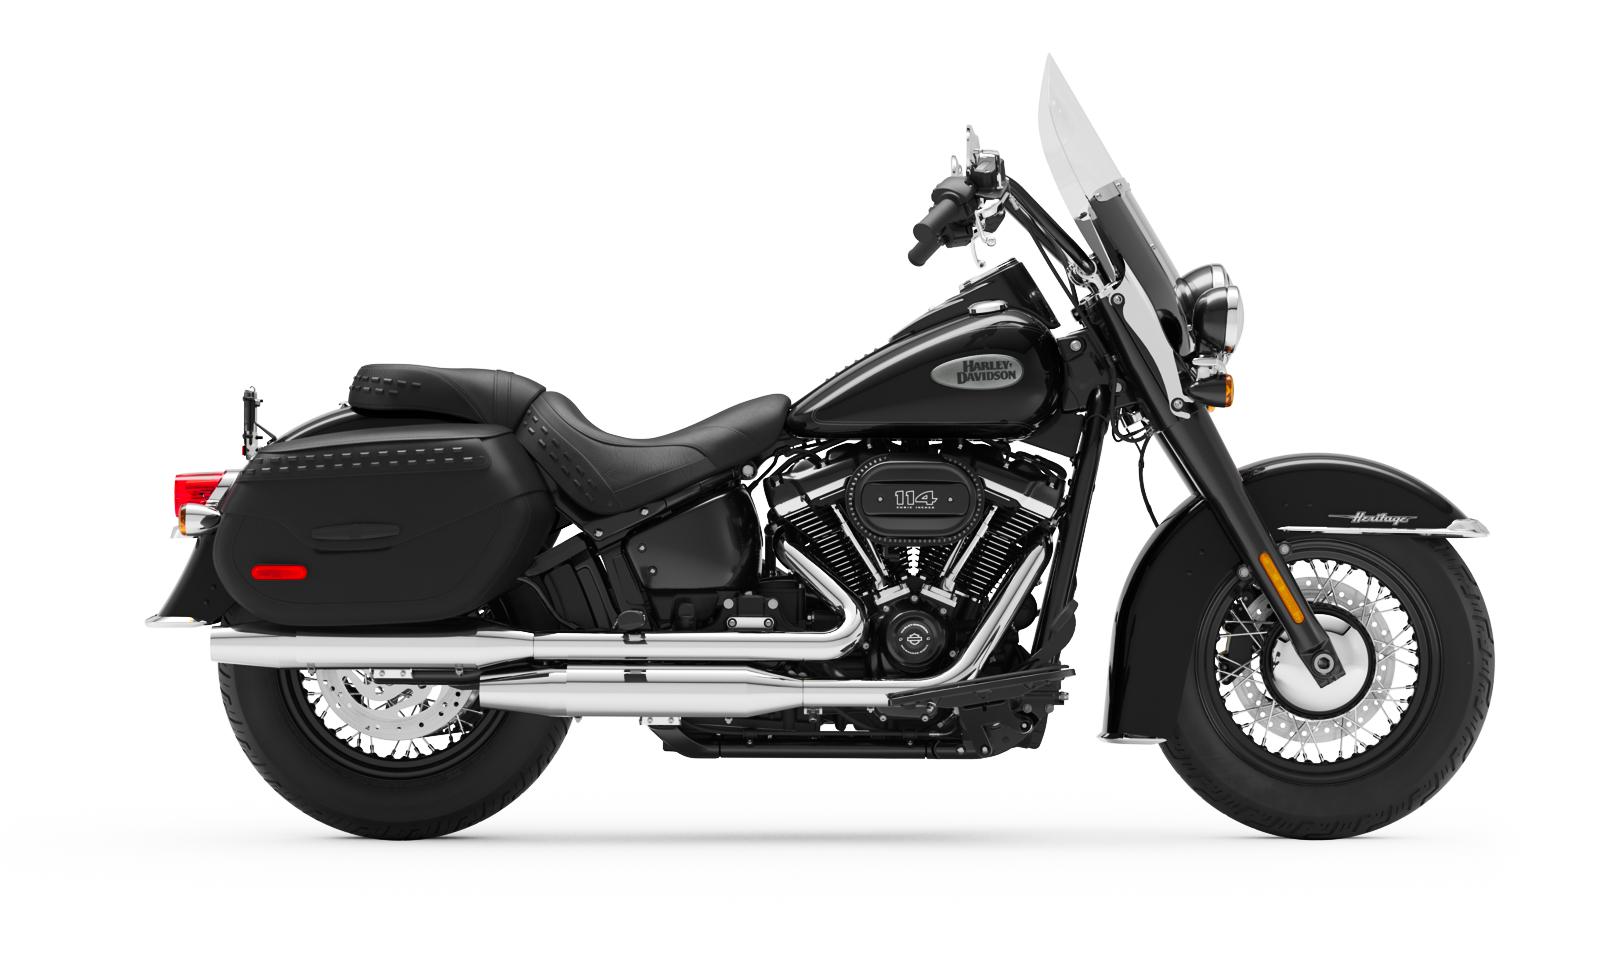 Motocicleta Heritage Classic 2021 Harley Davidson Brasil